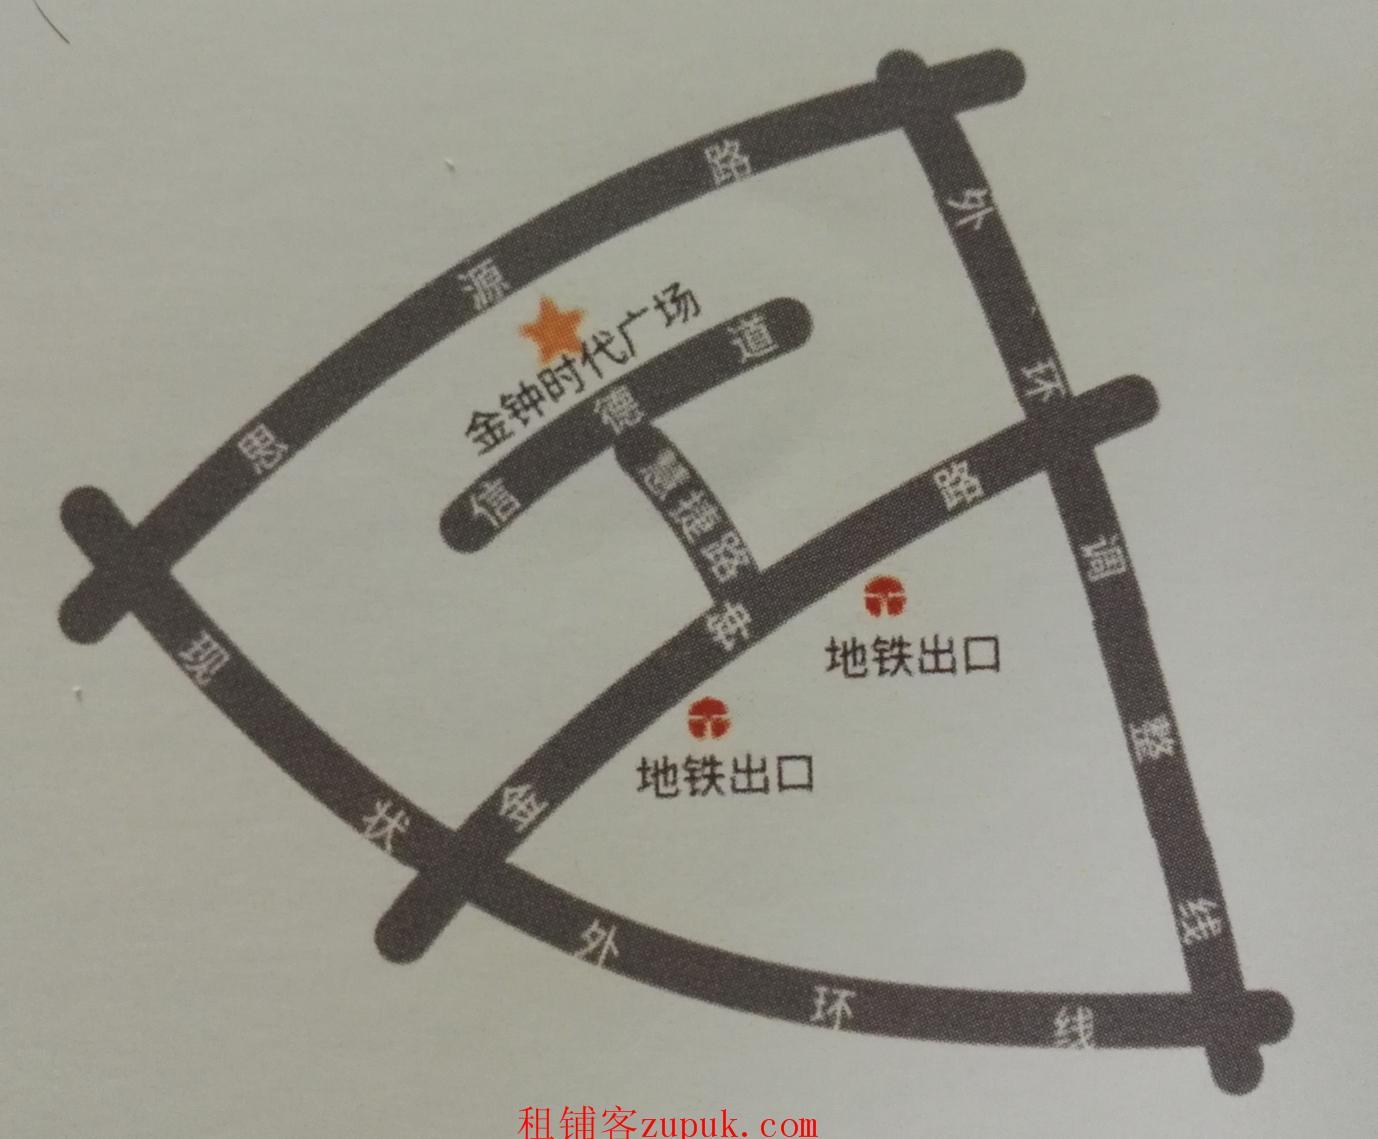 金钟时代广场